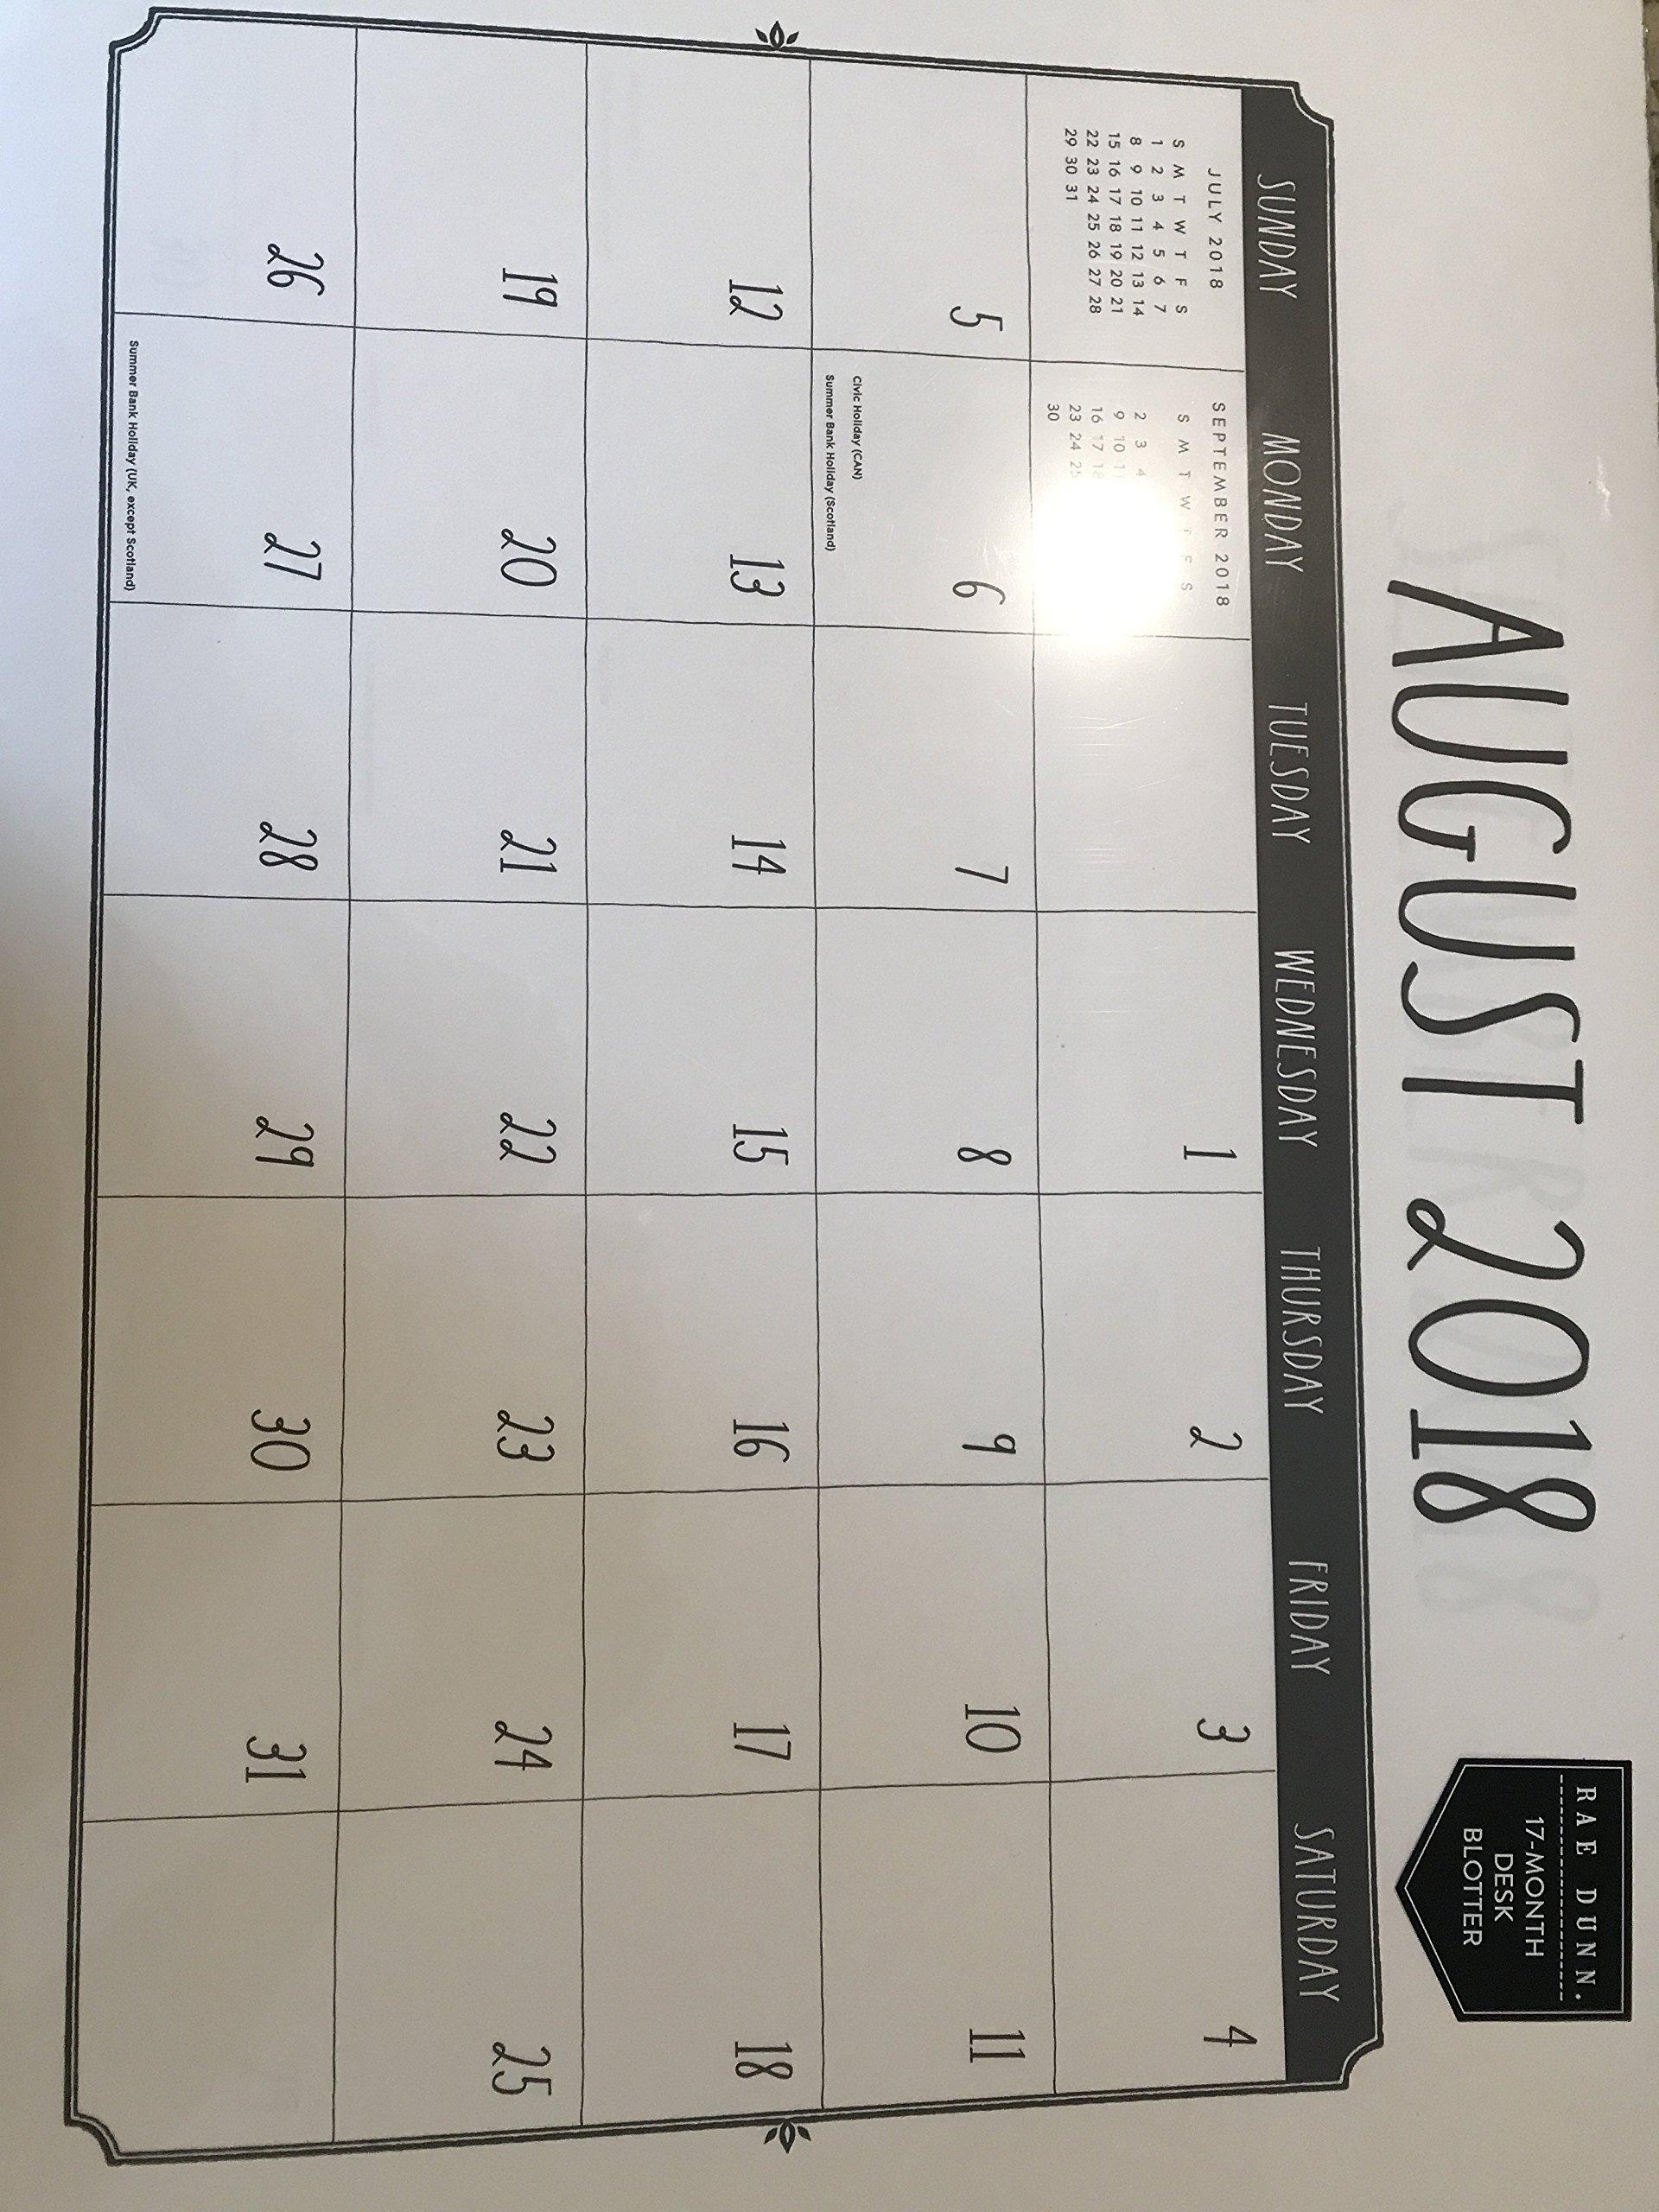 Rae Dunn Desk Blotter Calendar 17 Month